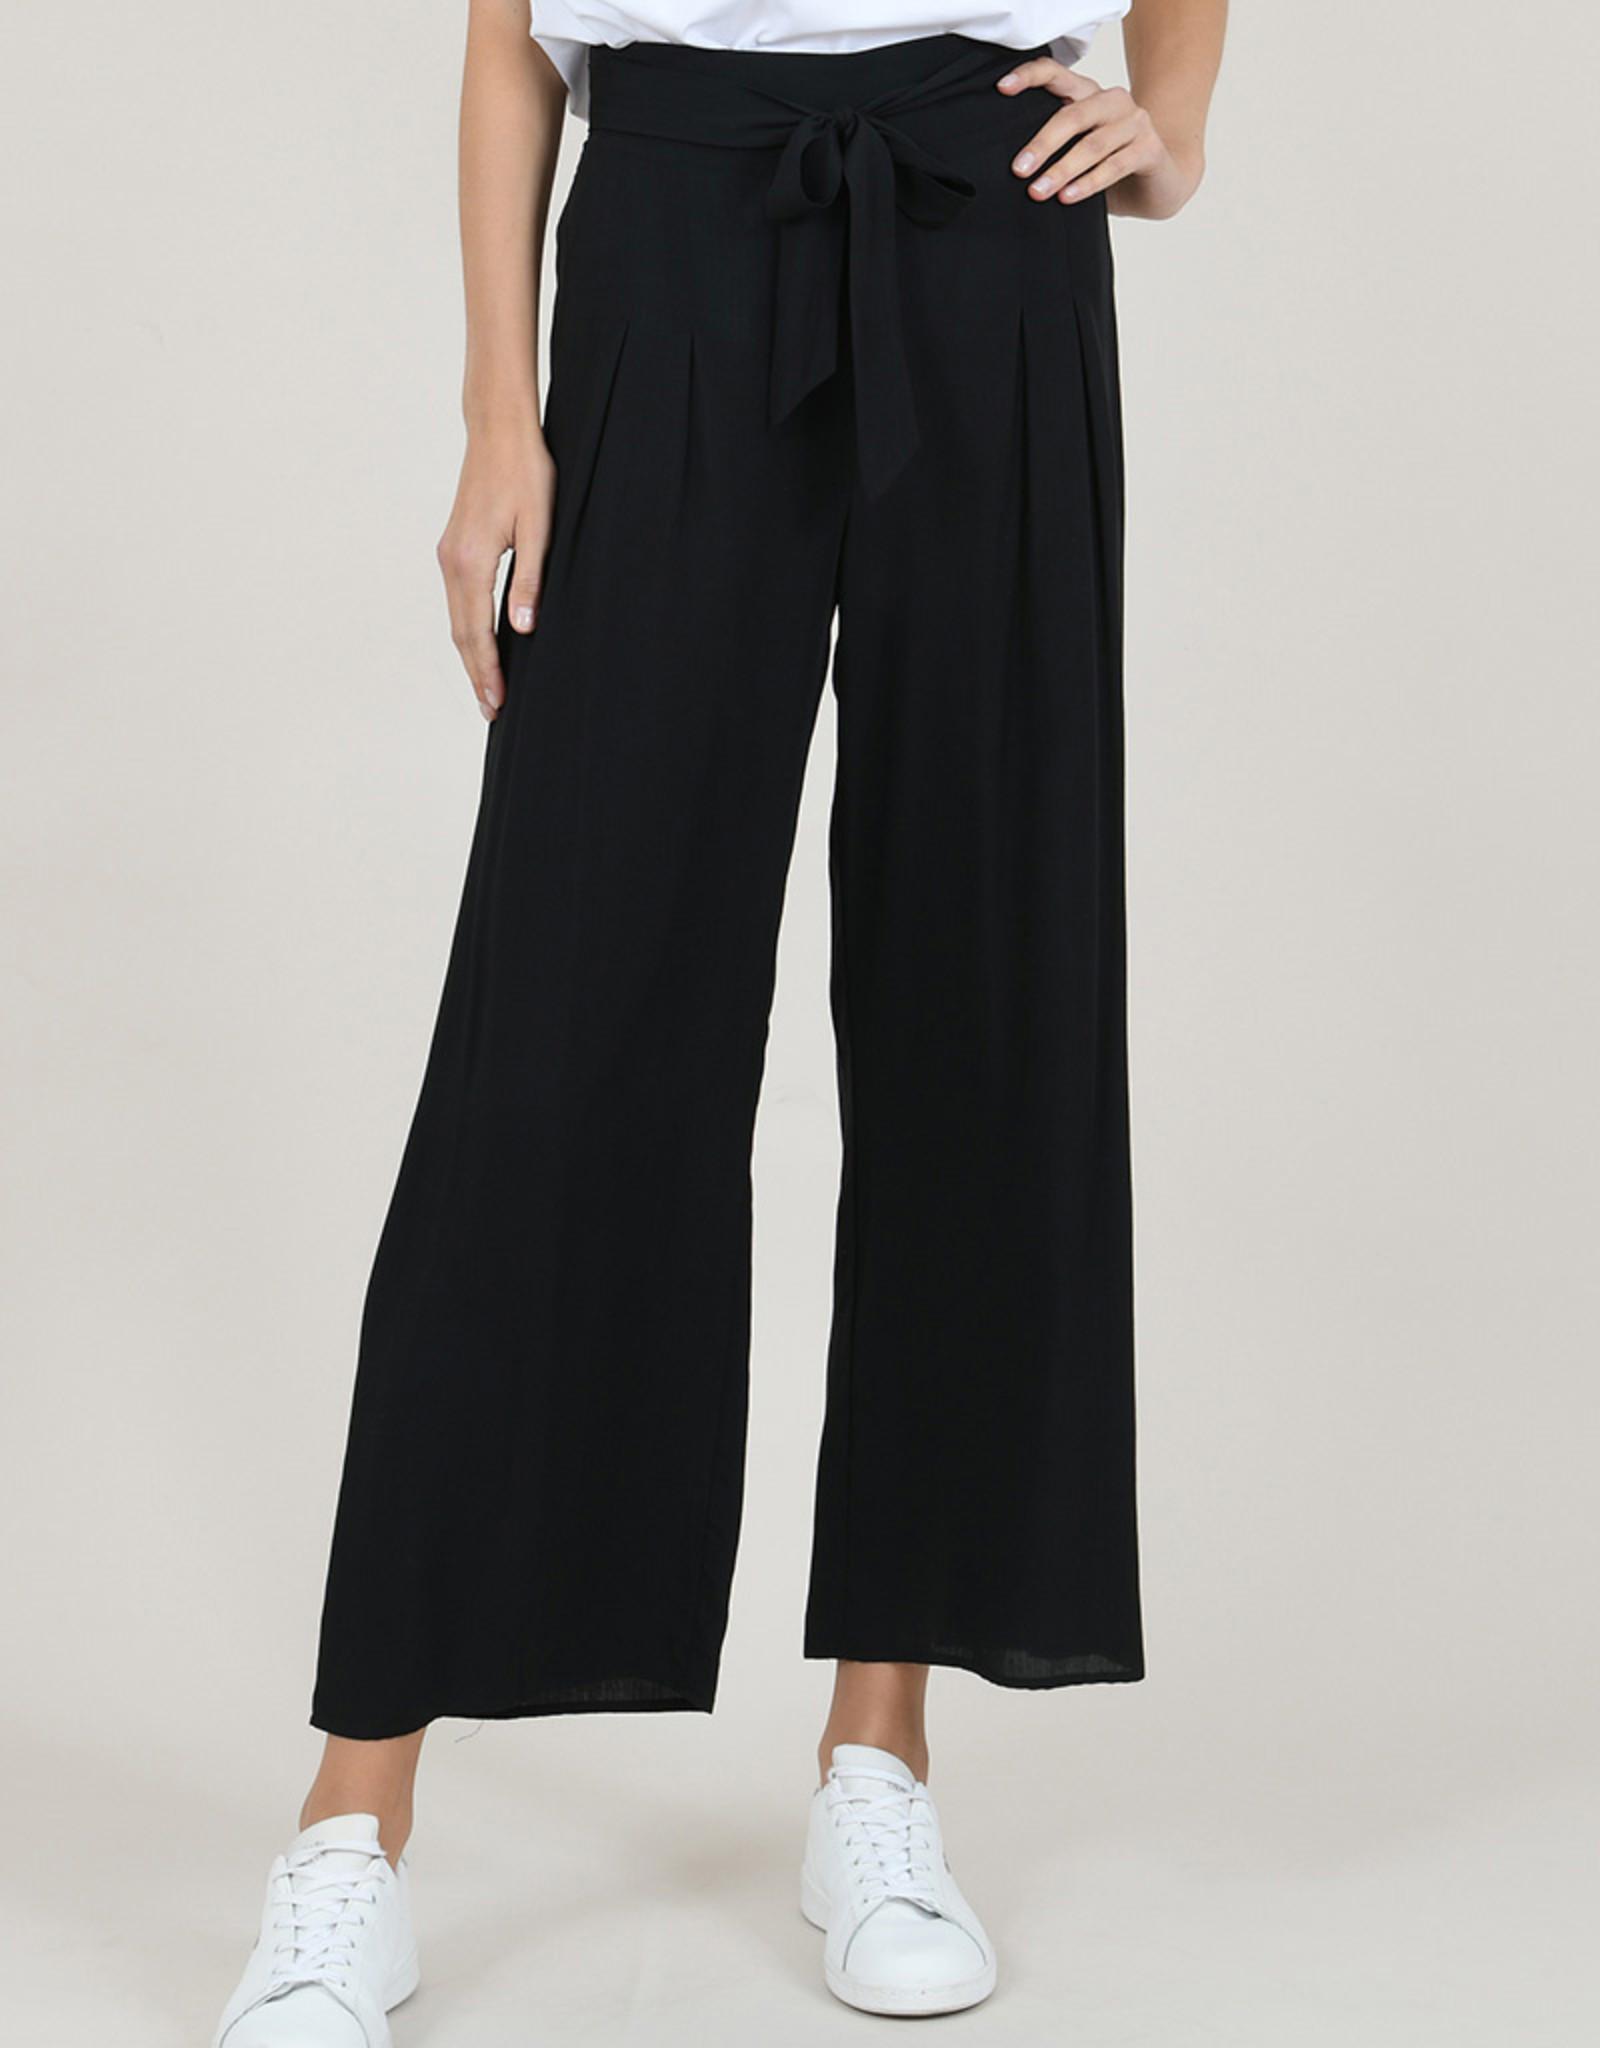 Molly Bracken CLEARANCE: High Waist Wide-Leg Pant